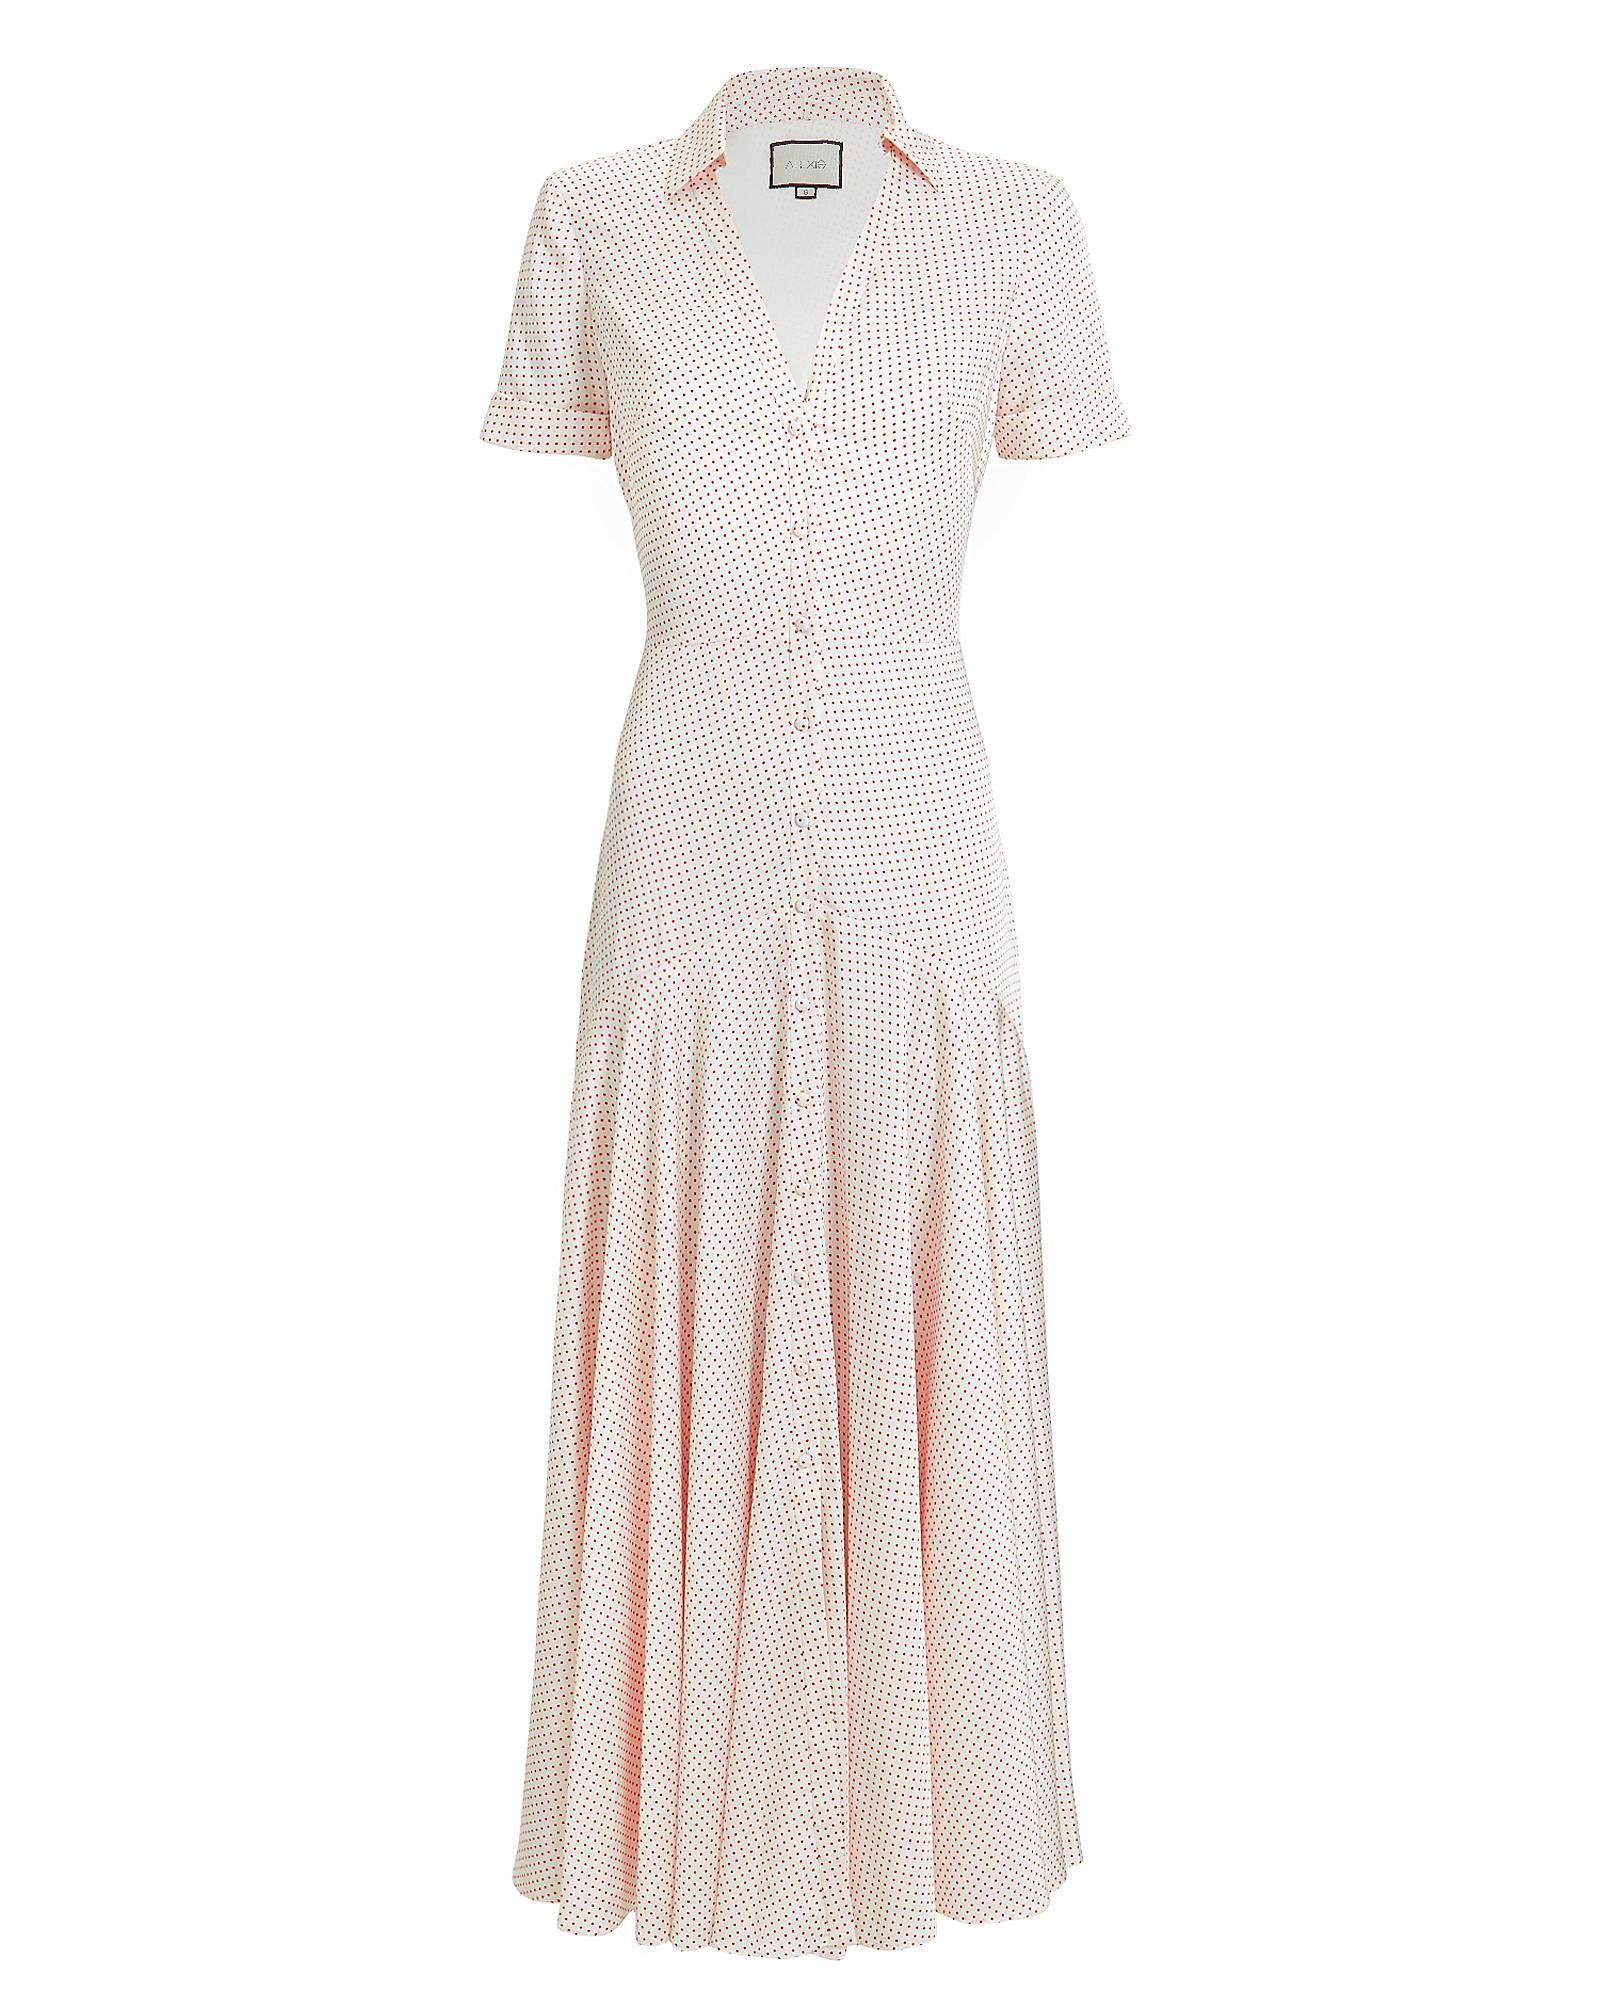 Athene Polka Dot Dress by Alexis